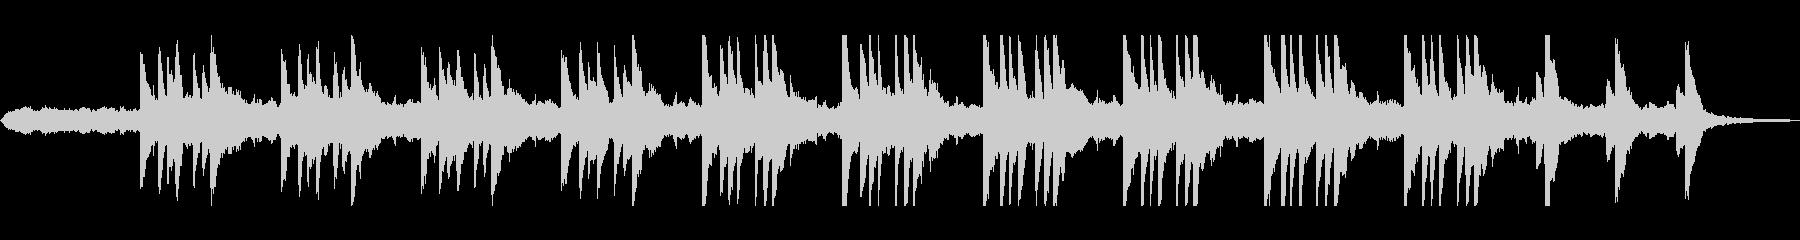 ピアノ旋律が神秘的なヒーリング曲の未再生の波形